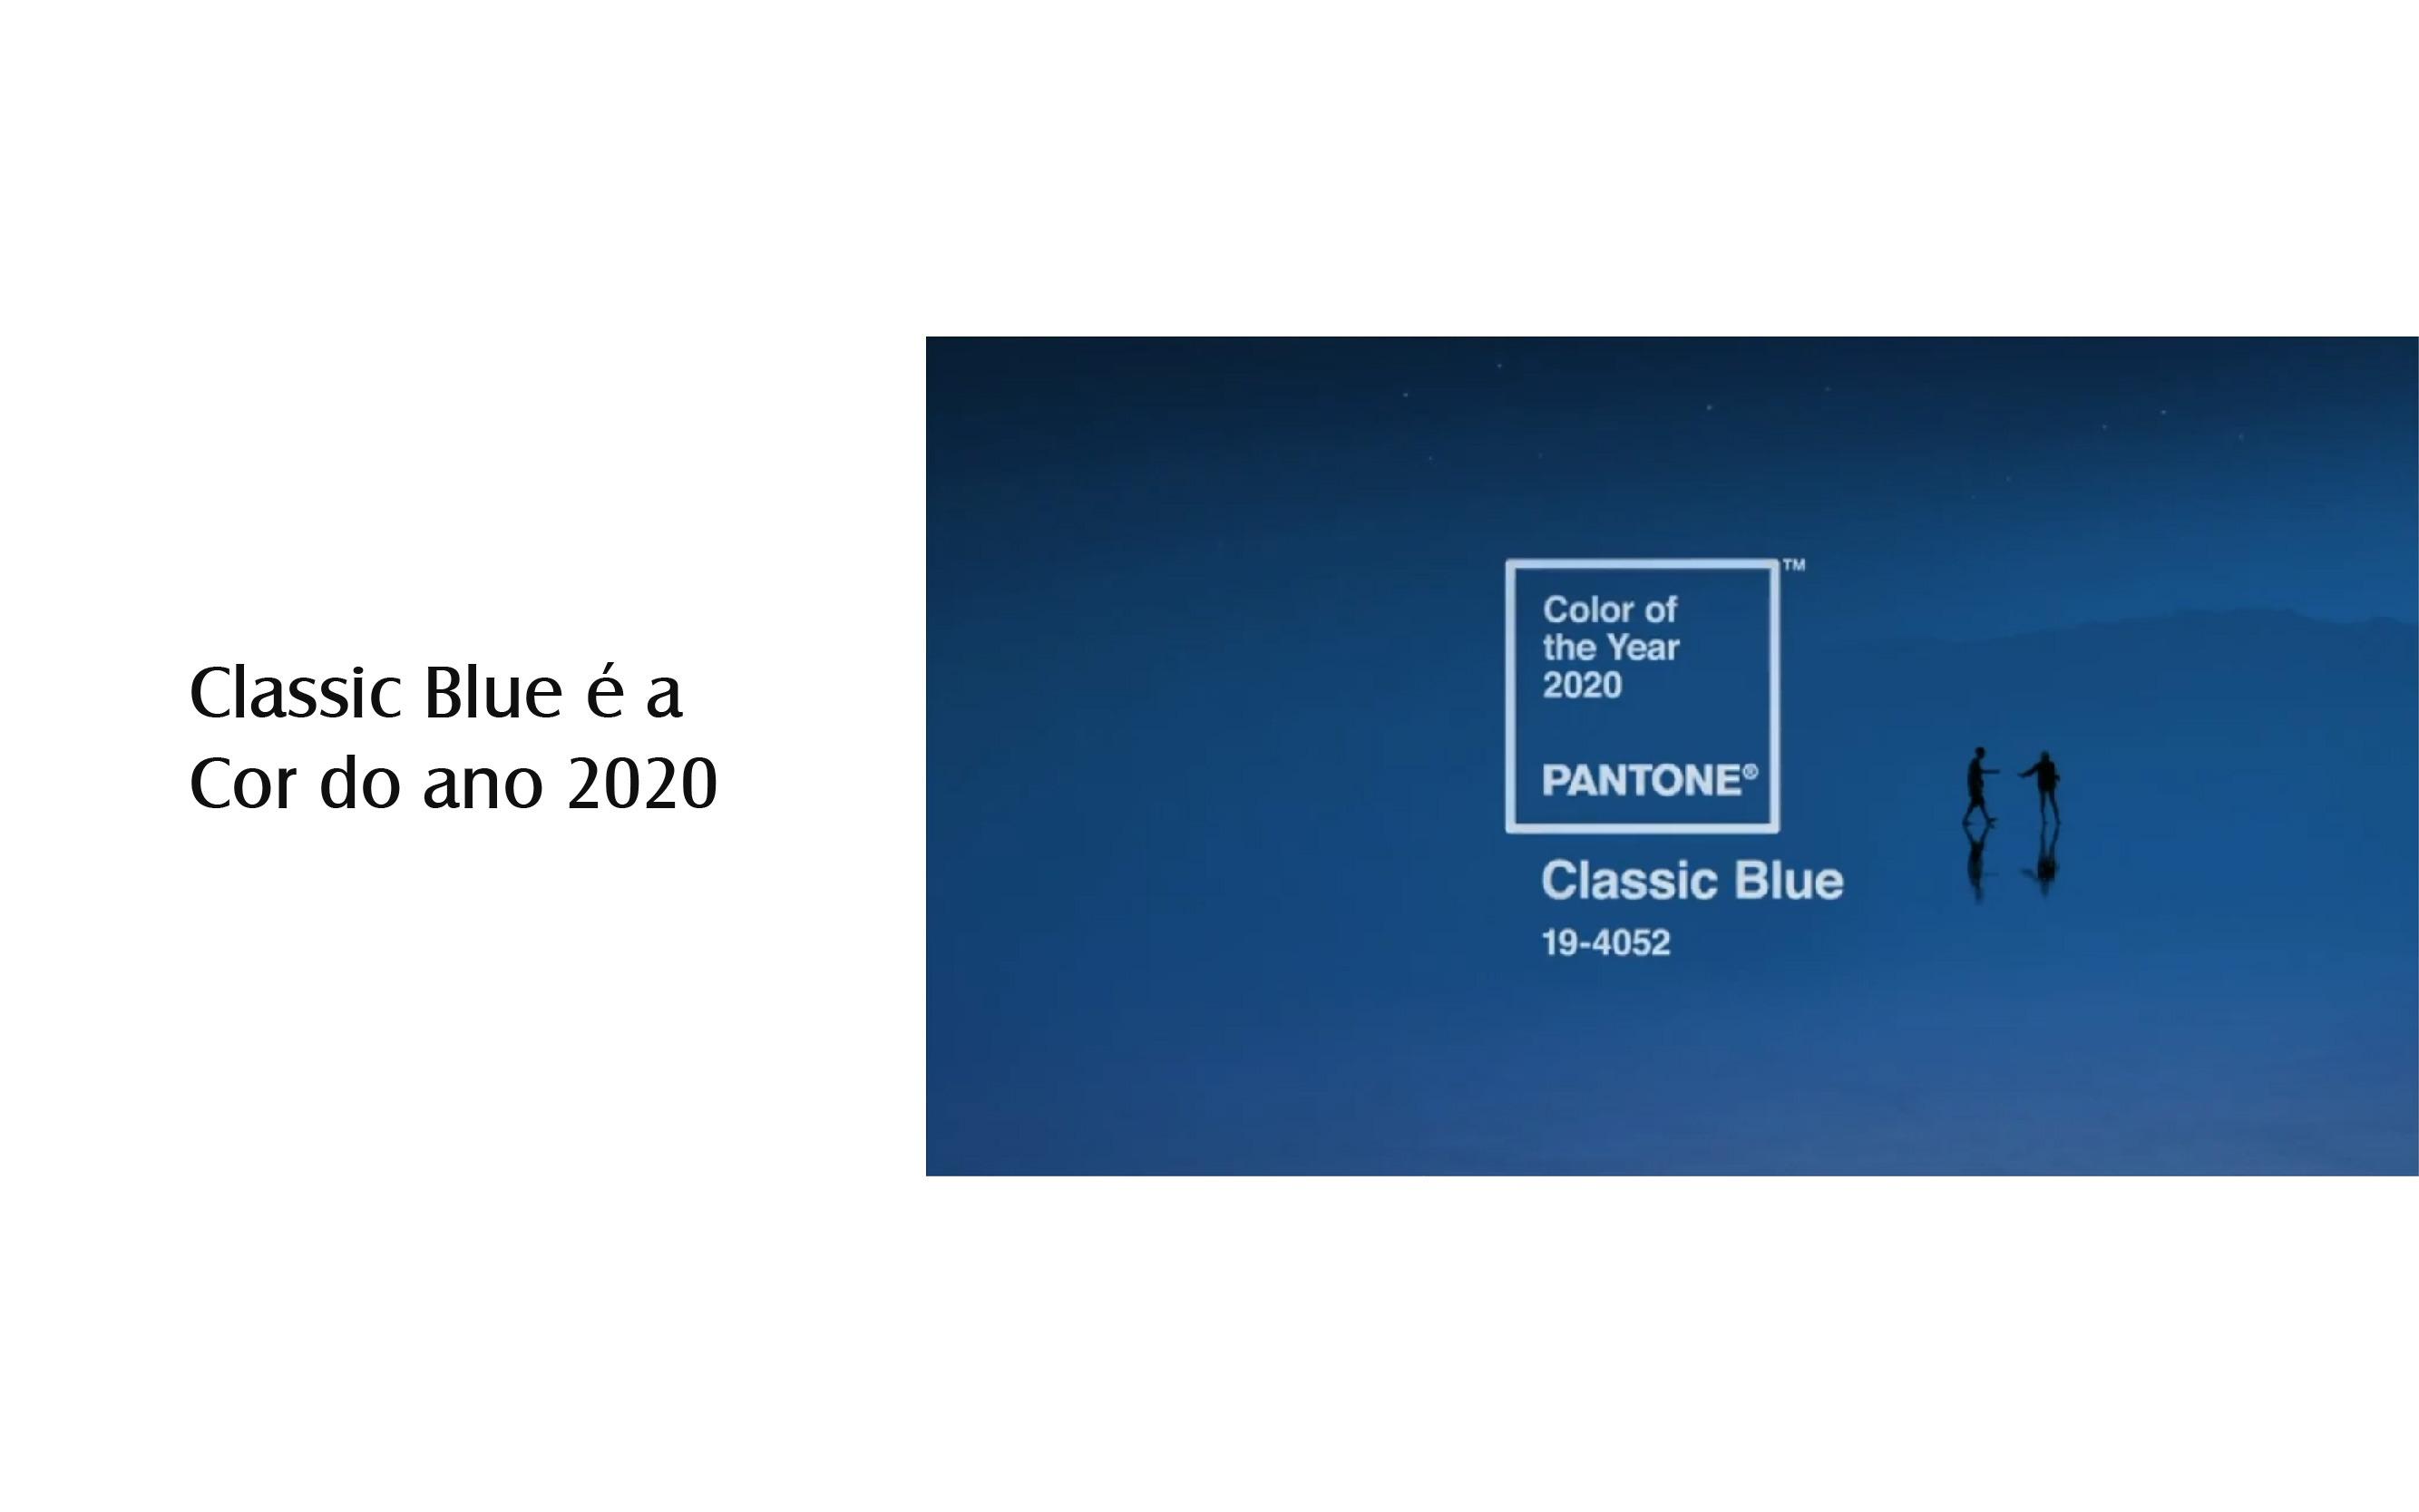 Classic Blue é a Cor do ano 2020 Pantone